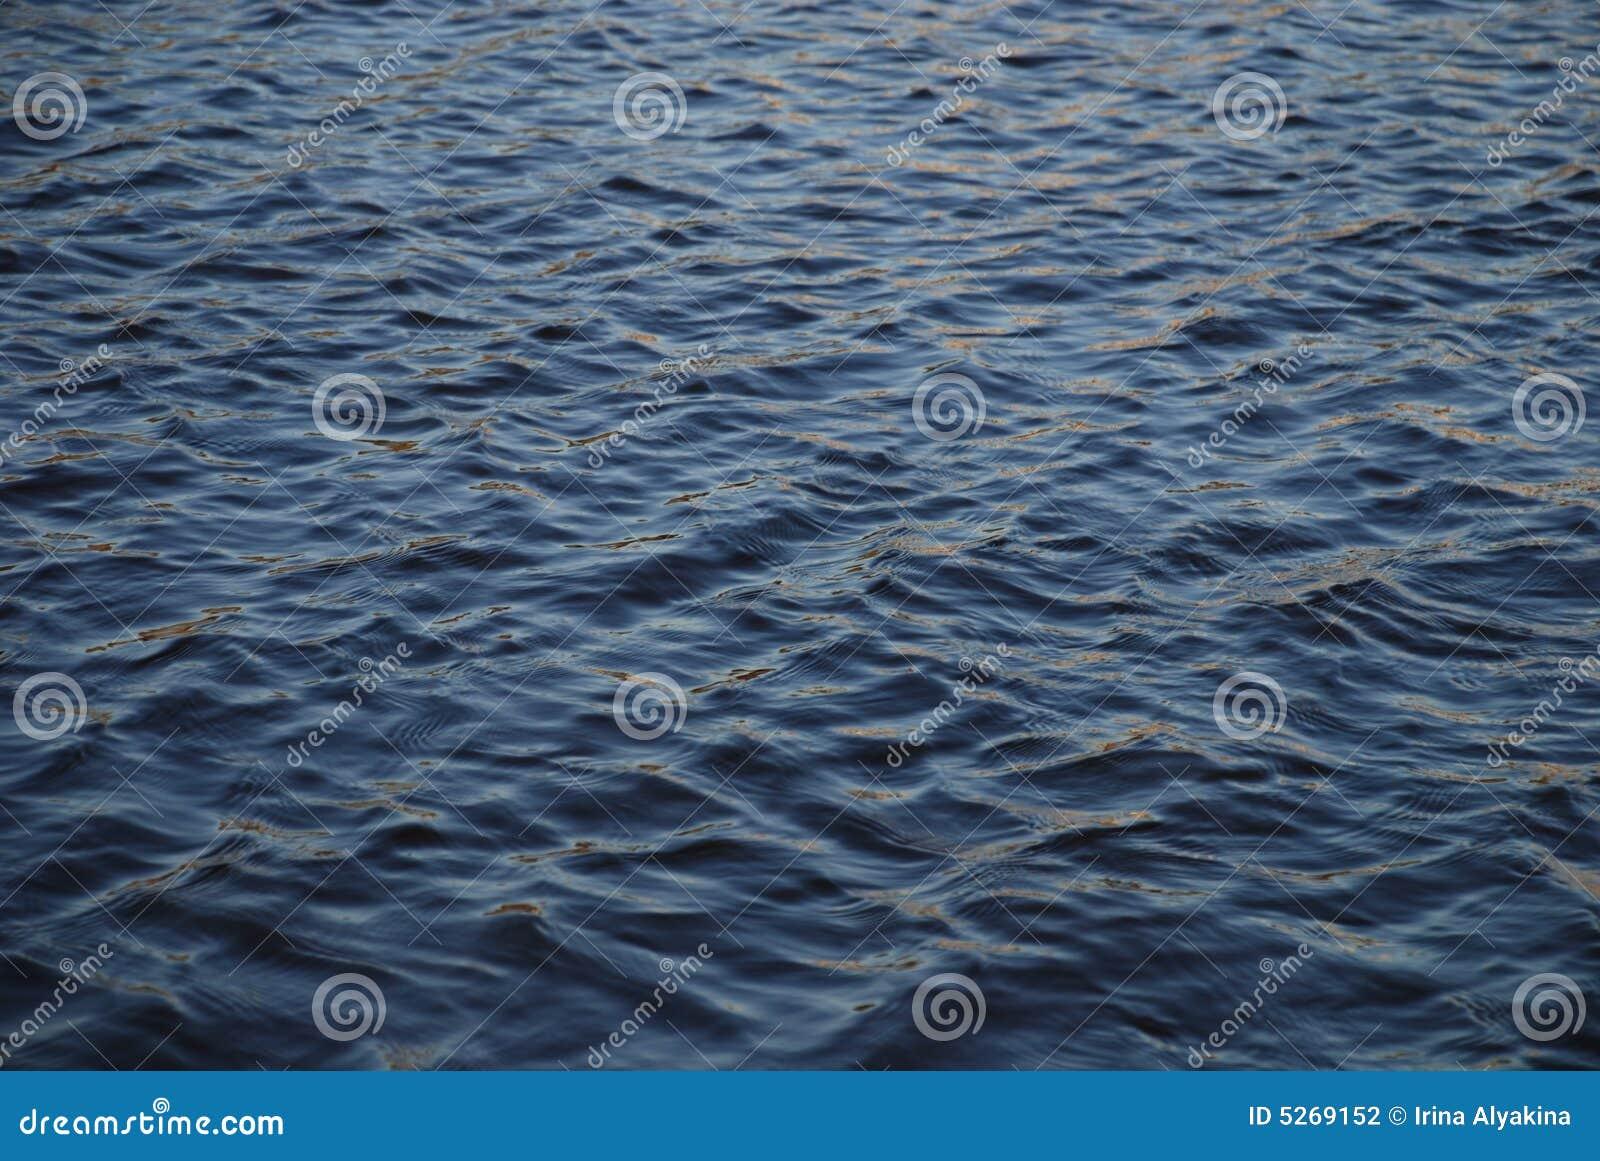 Dunkles Wasser